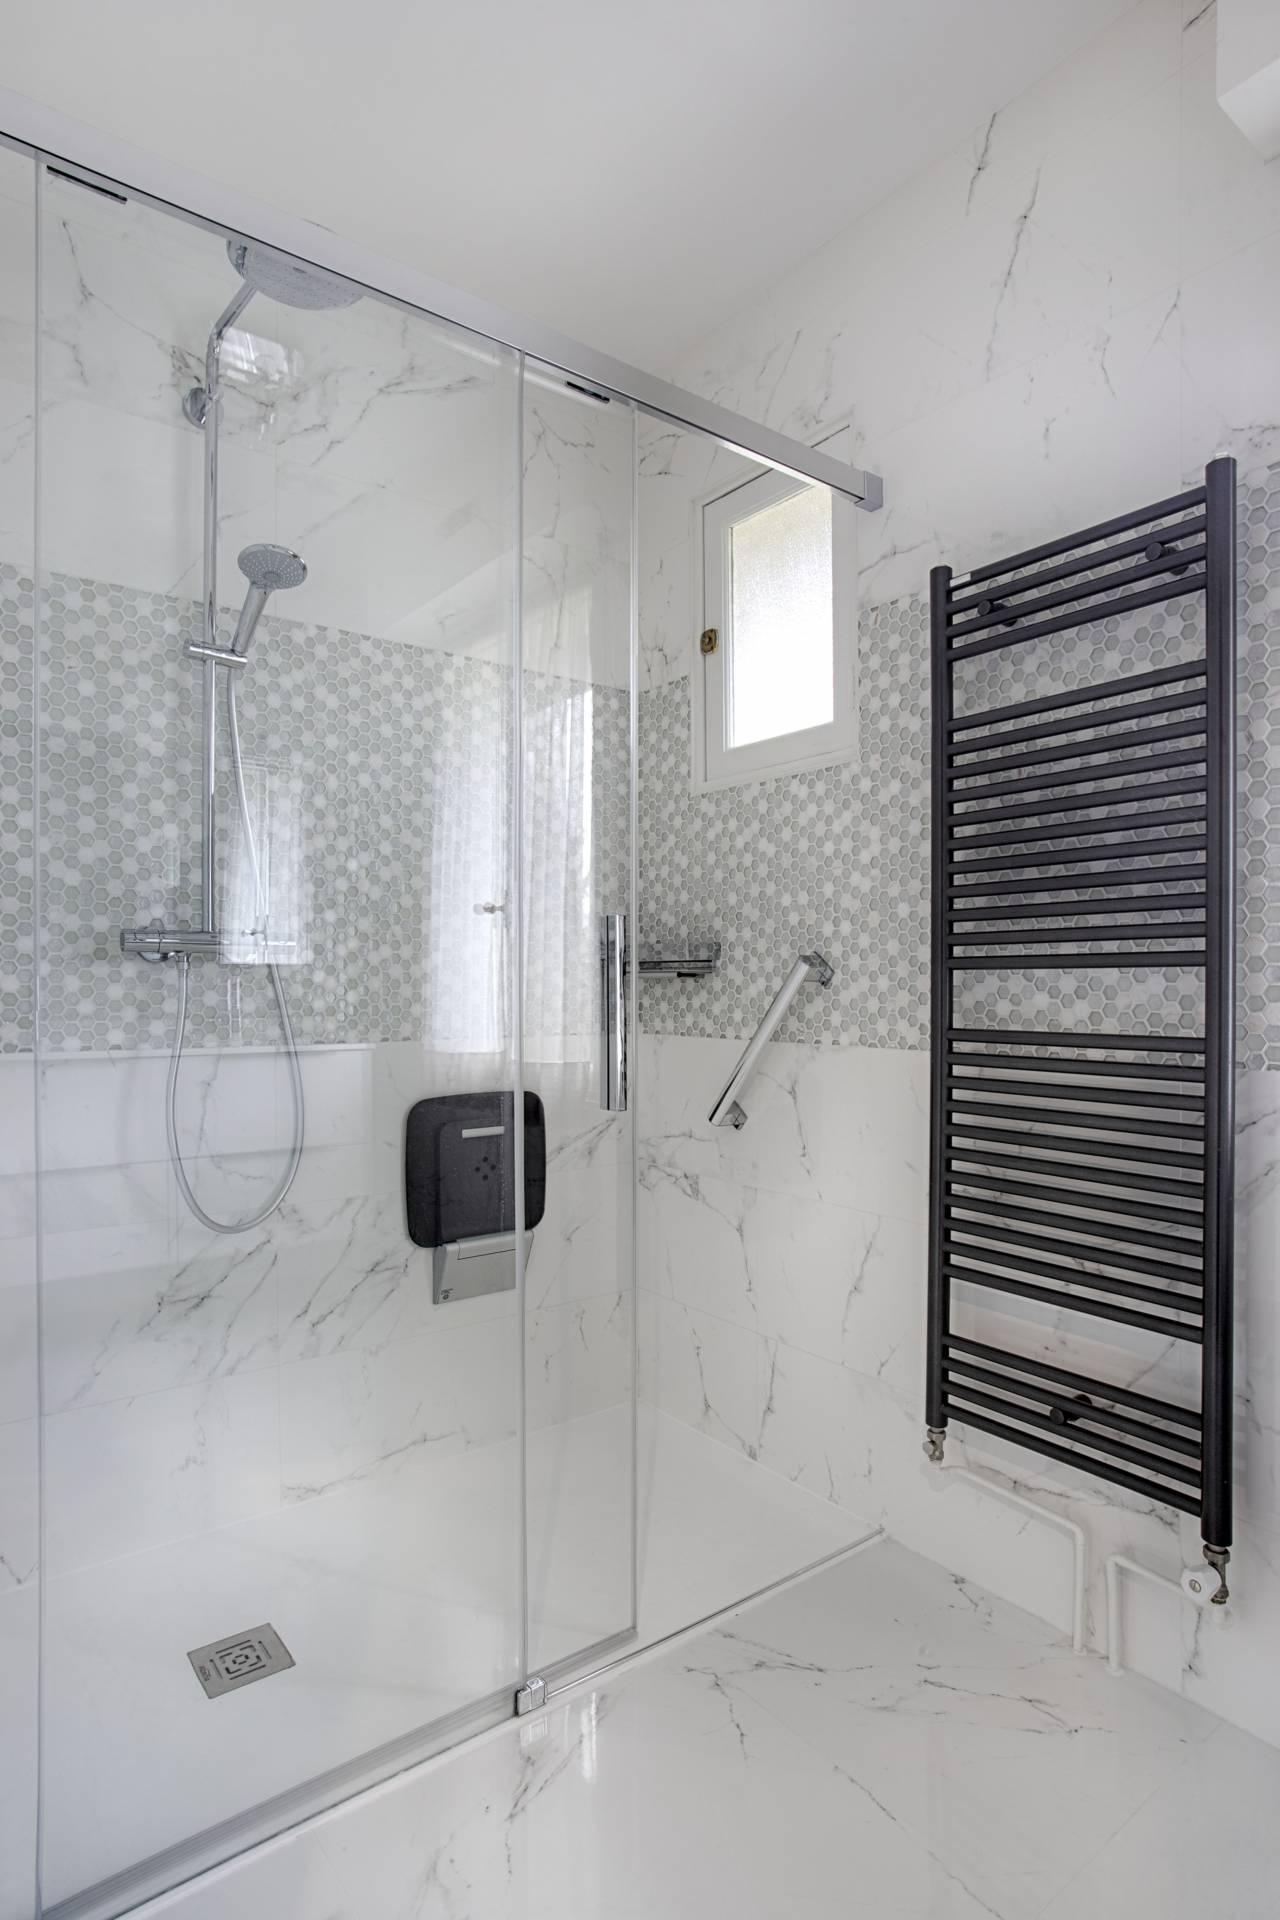 Salle De Bain Carrelage Marbre rénovation de 2 salles de bain à corbeil essonne | bh déco